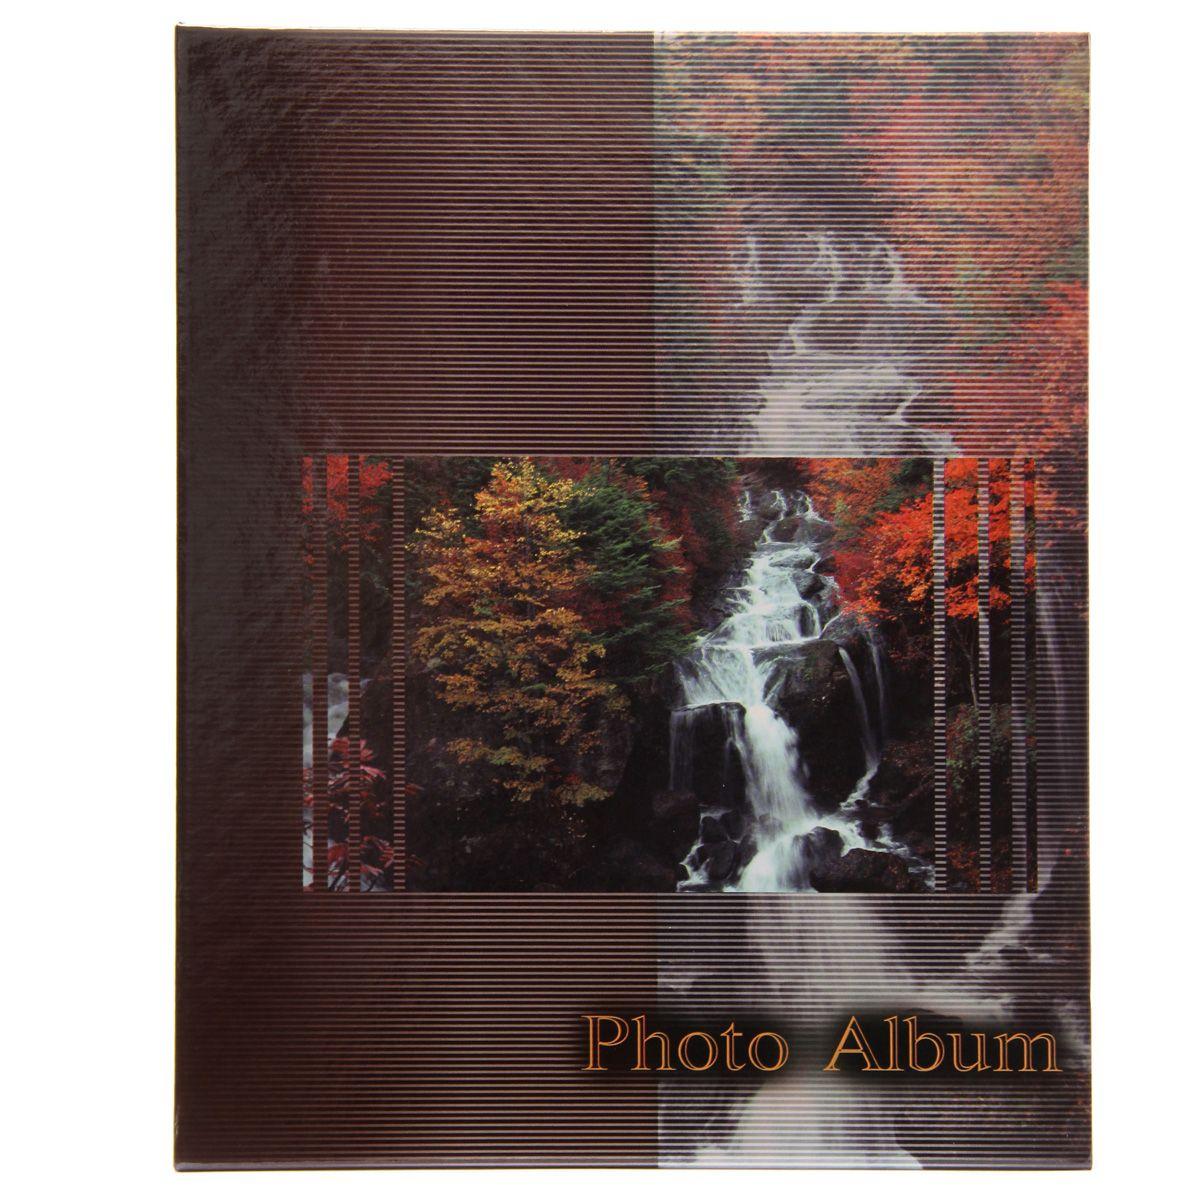 Фотоальбом Pioneer Waterfalls, 200 фотографий, 10 х 15 см , цвет: бордовыйТР 5044Фотоальбом Pioneer Waterfalls поможет красиво оформить ваши самые интересные фотографии. Обложка из толстого картона оформлена оригинальным принтом. Фотоальбом рассчитан на 200 фотографий форматом 10 x 15 см.Внутри содержится блок из 50 листов с окошками из полипропилена, одна страница оформлена двумя окошками для фотографий. Такойнеобычный фотоальбом позволит легко заполнить страницы вашей истории, и с годами ничего не забудется. Тип обложки: картон. Тип листов: полипропиленовые. Тип переплета: высокочастотная сварка.Материалы, использованные в изготовлении альбома, обеспечивают высокое качество хранения ваших фотографий, поэтому фотографии нежелтеют со временем.